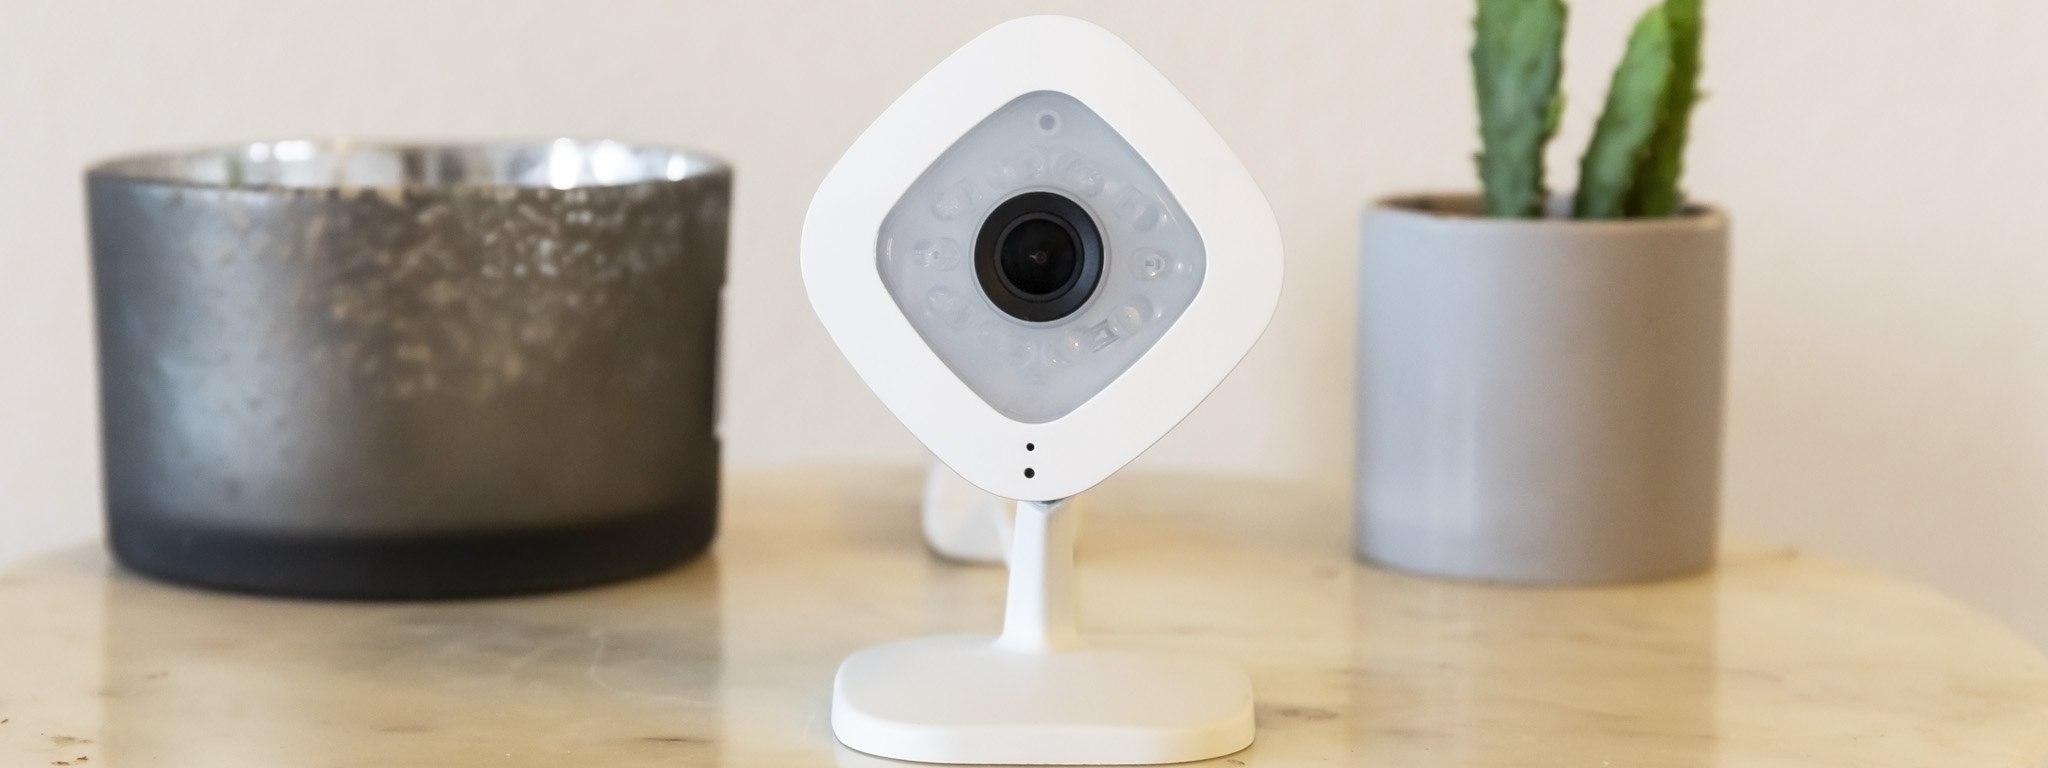 Immagine di una telecamera di sicurezza posizionata tra un porta candela e un cactus in vaso.